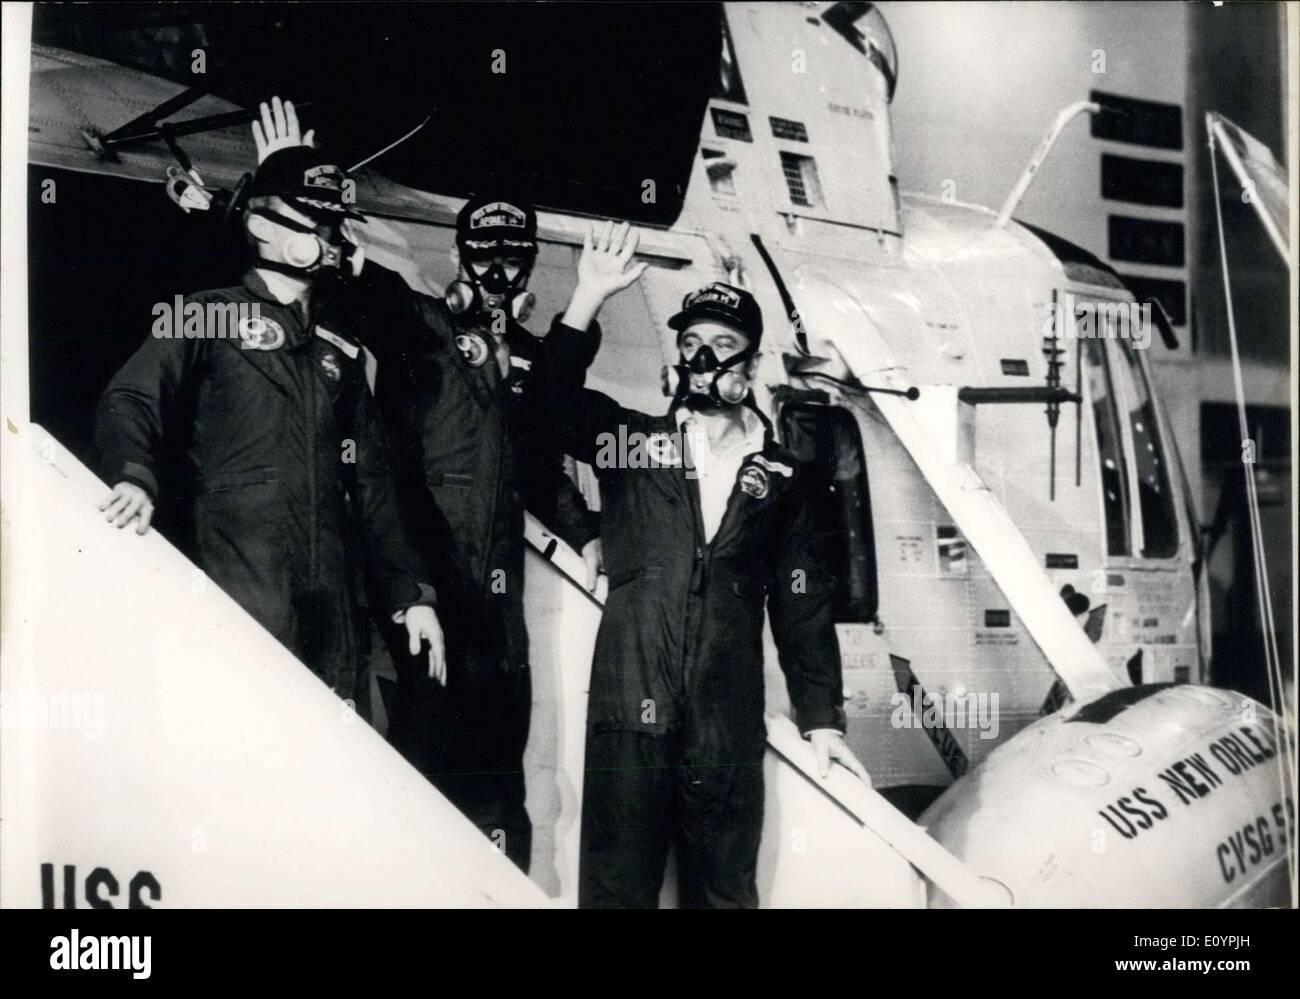 Feb. 15, 1971 - Roosa, Shepard, Mitchele - Stock Image